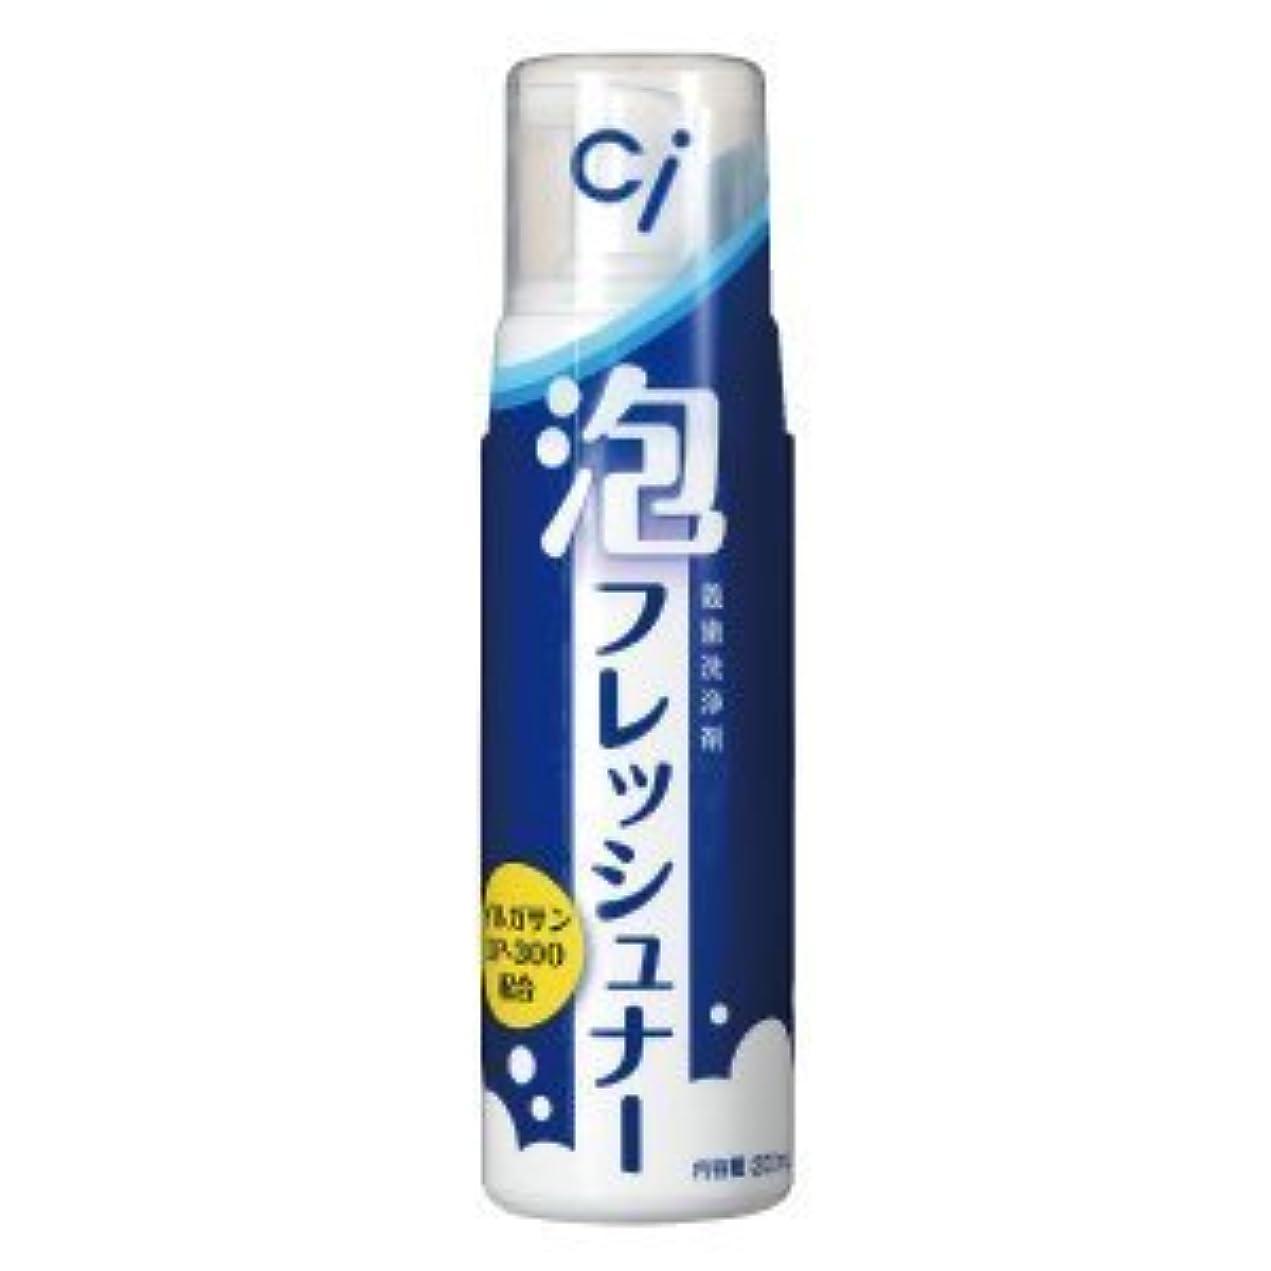 識別する雇用バイアスCi 泡フレッシュナー 義歯洗浄剤 1本(200ml)